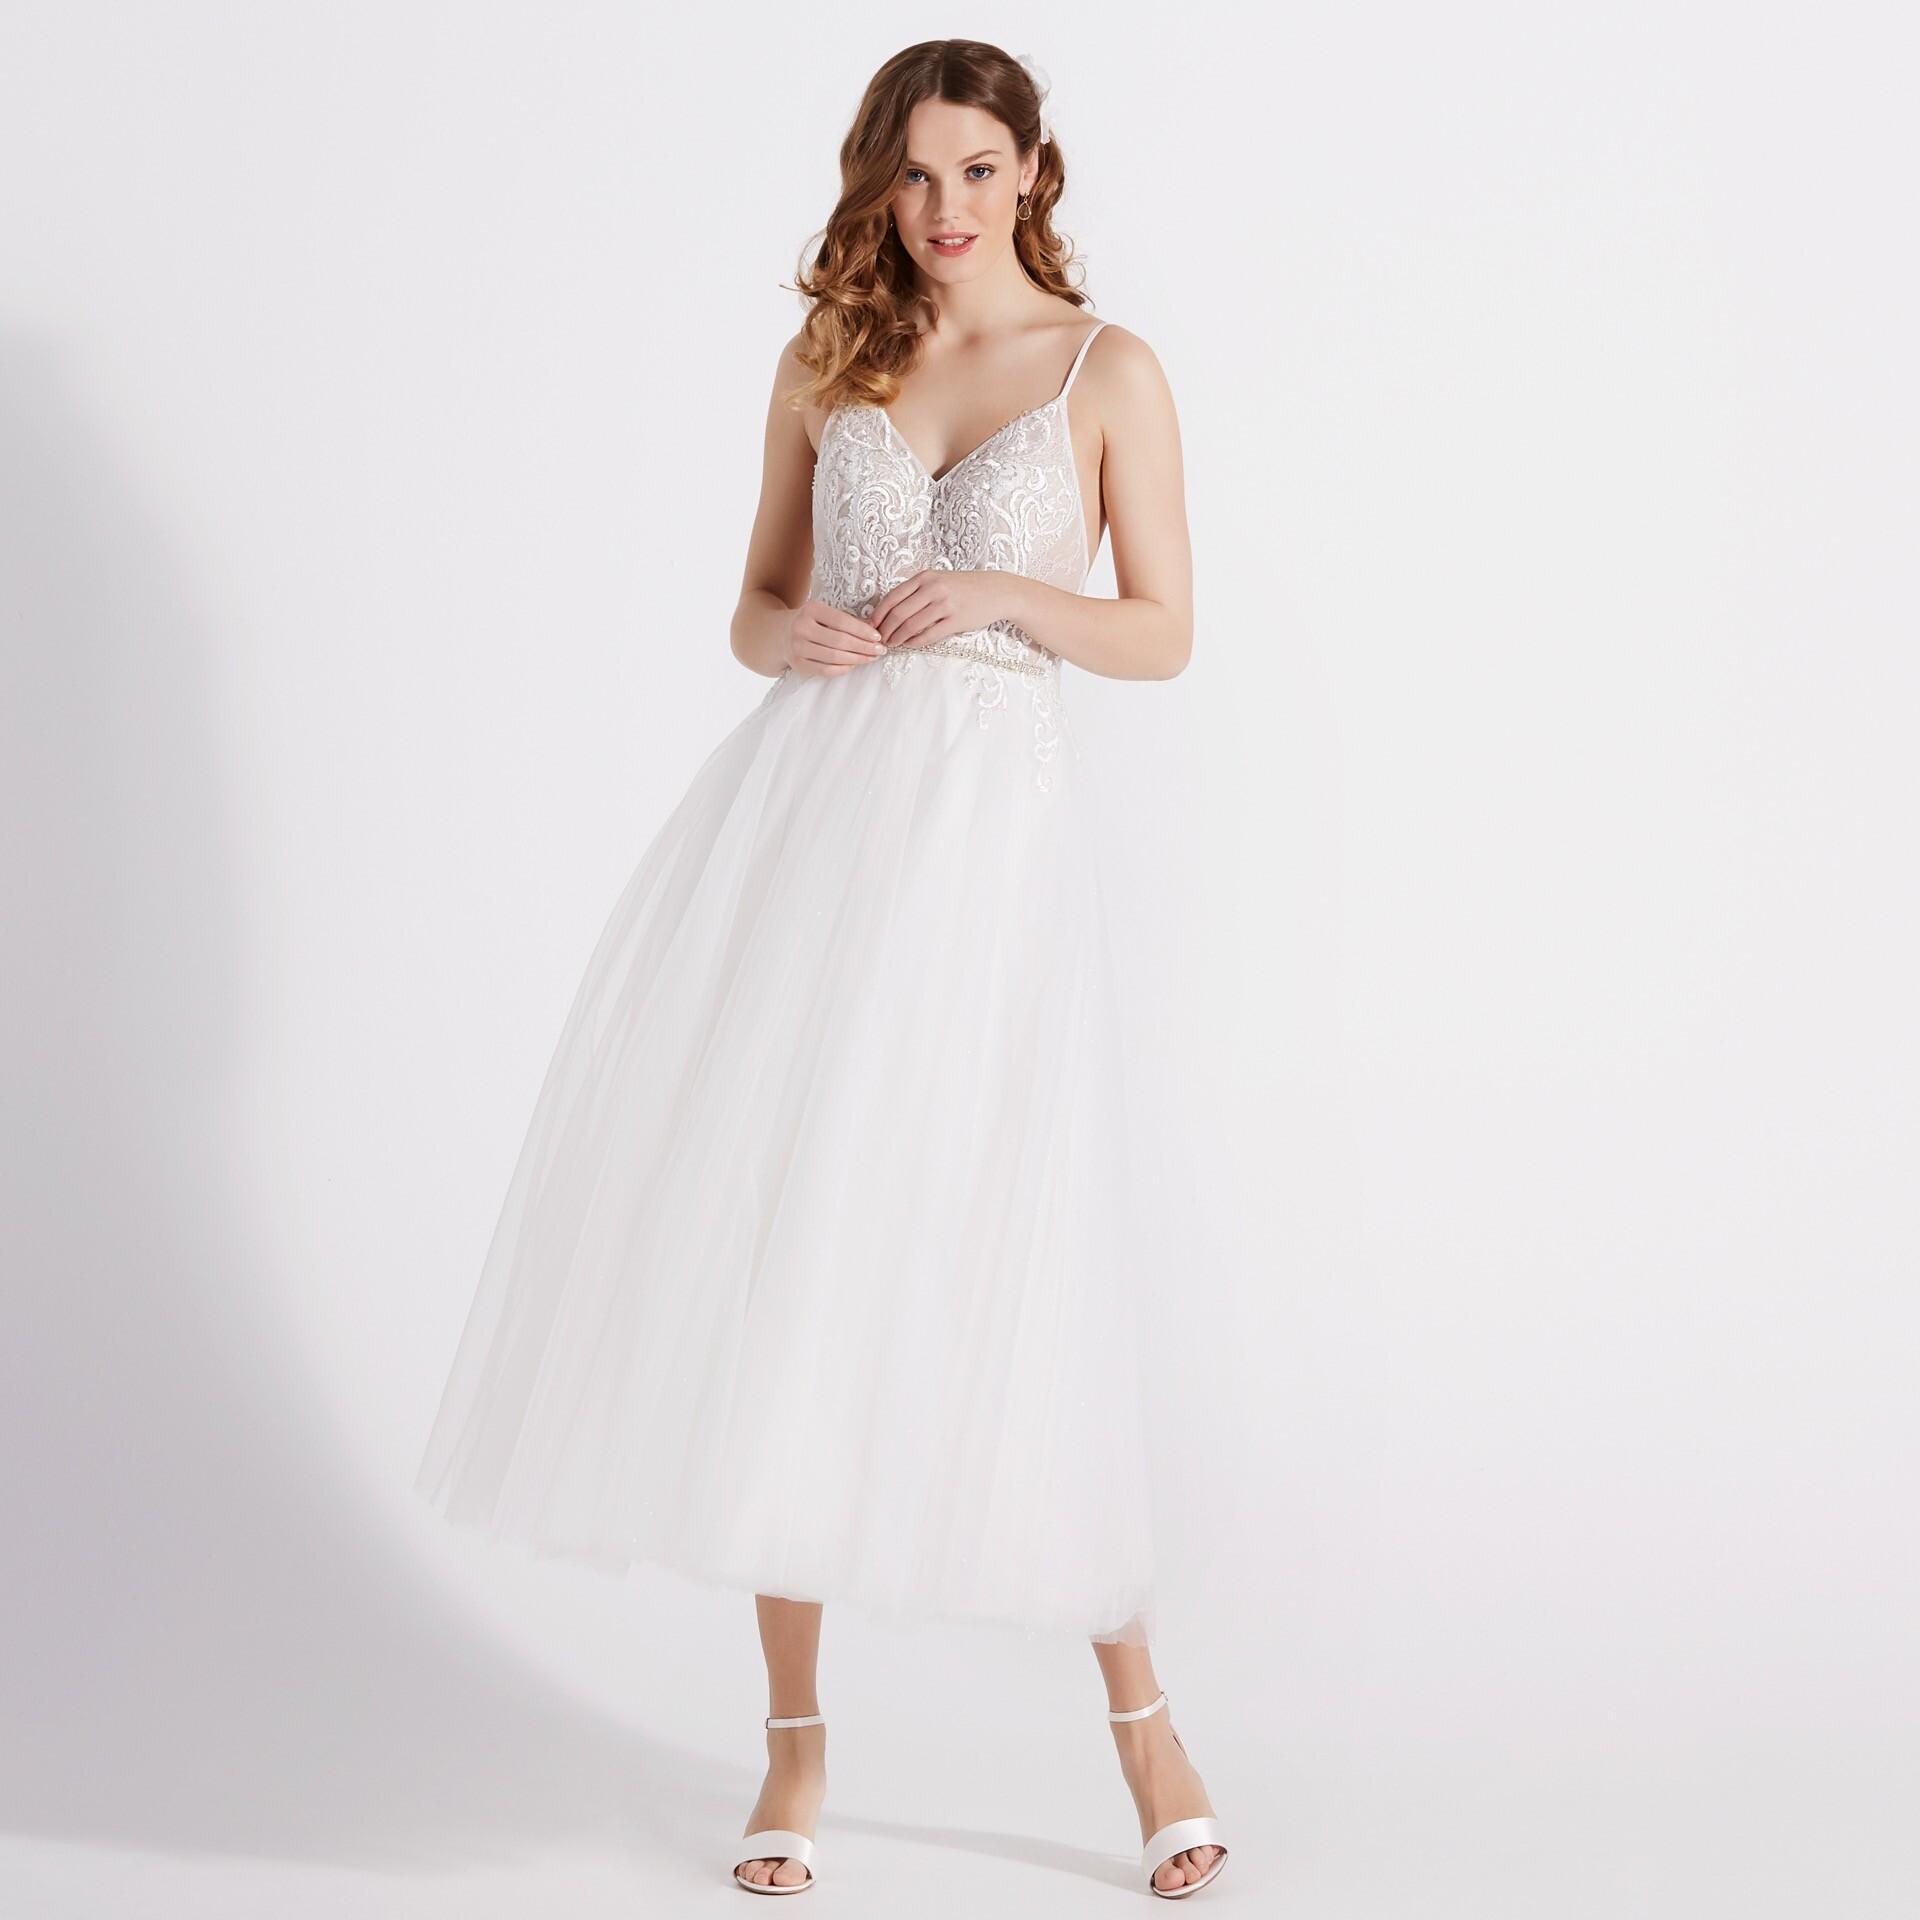 Brautkleid von Diamonds by Lilly Style 08-4172